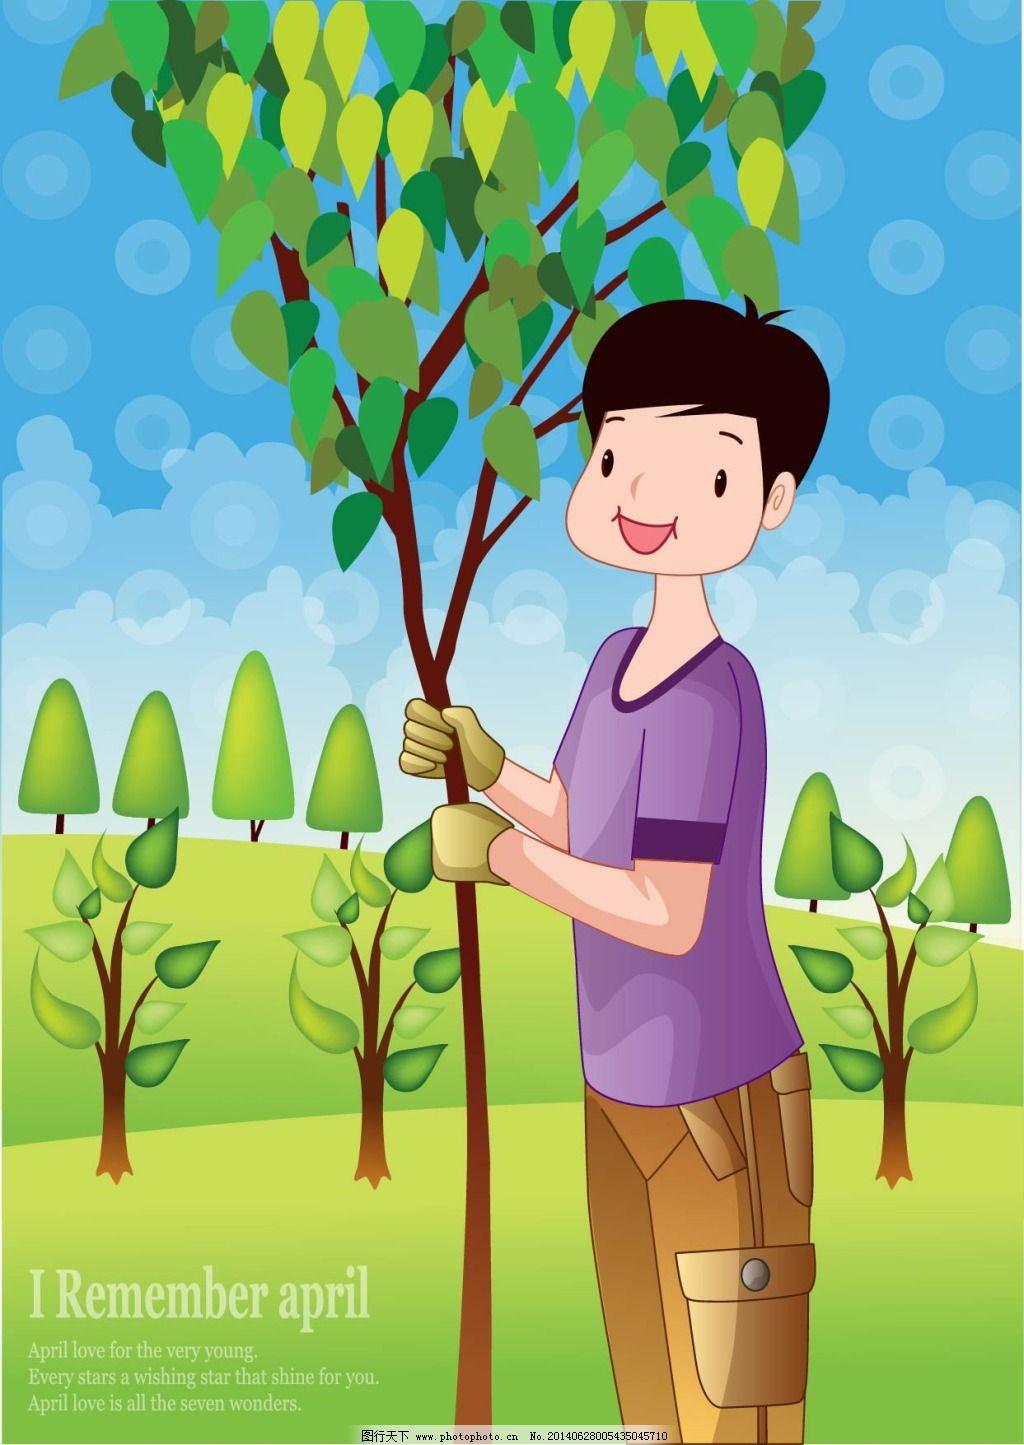 种树场景简笔画